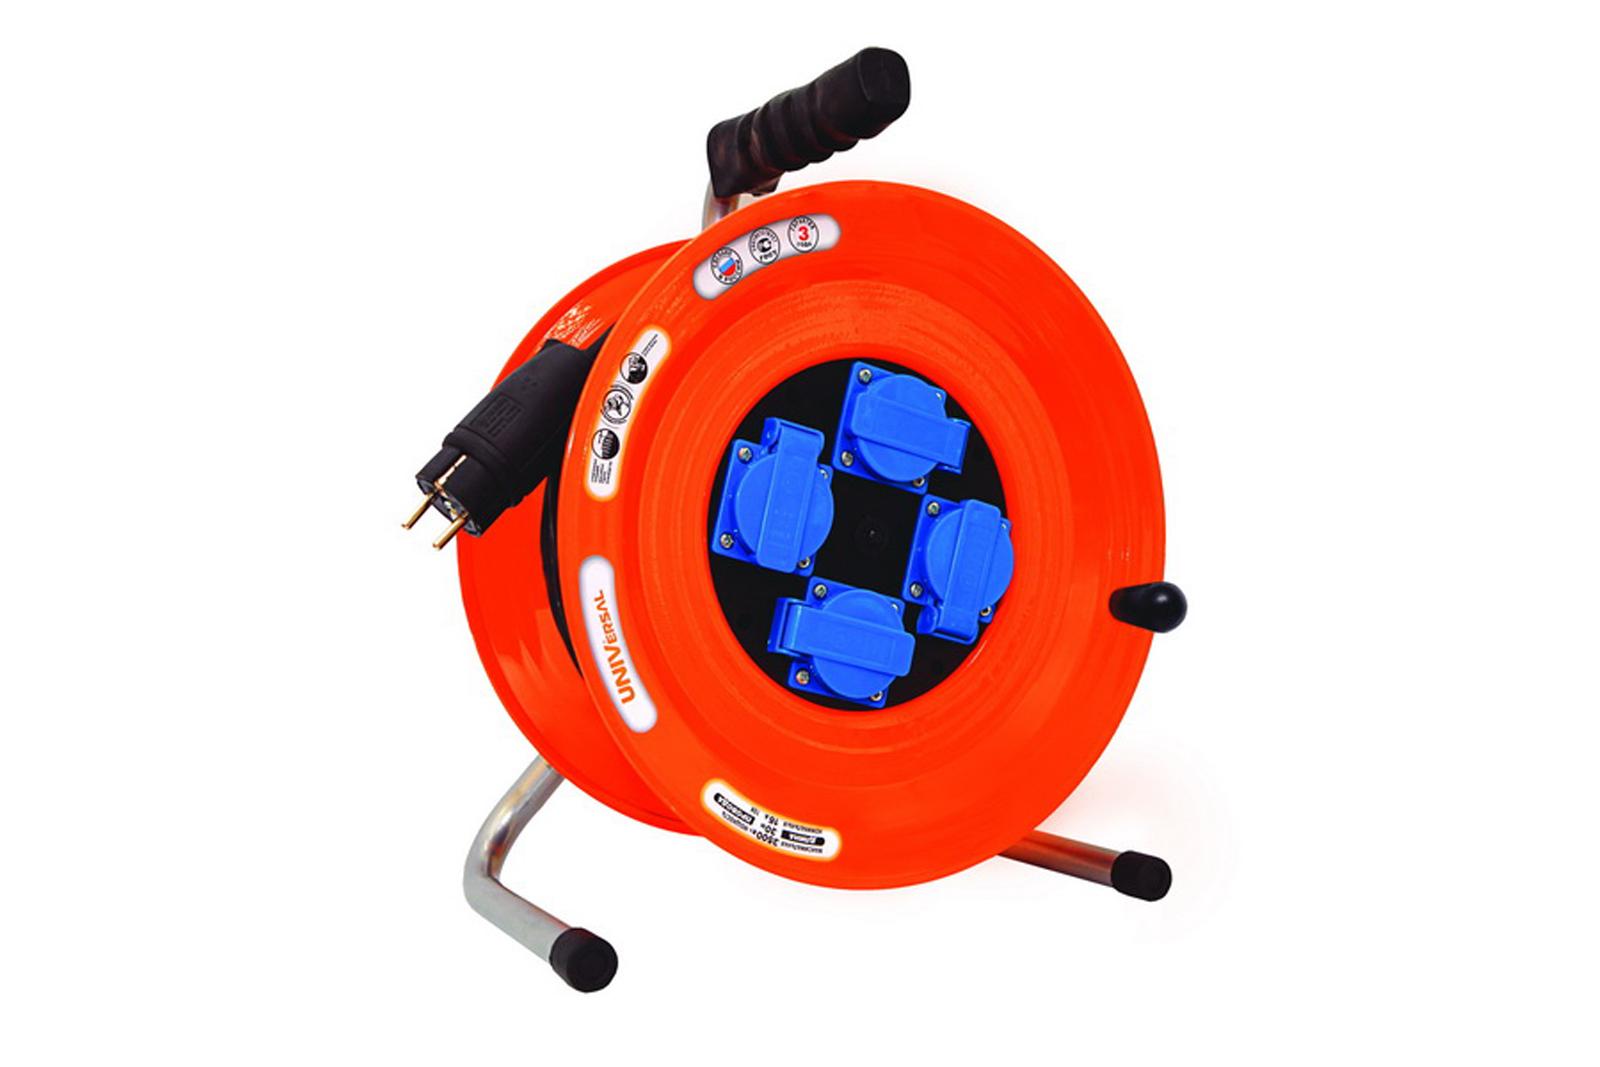 Удлинитель Universal ВЕМ-259 КГ 3*1,5 4гнезда 50м цены онлайн